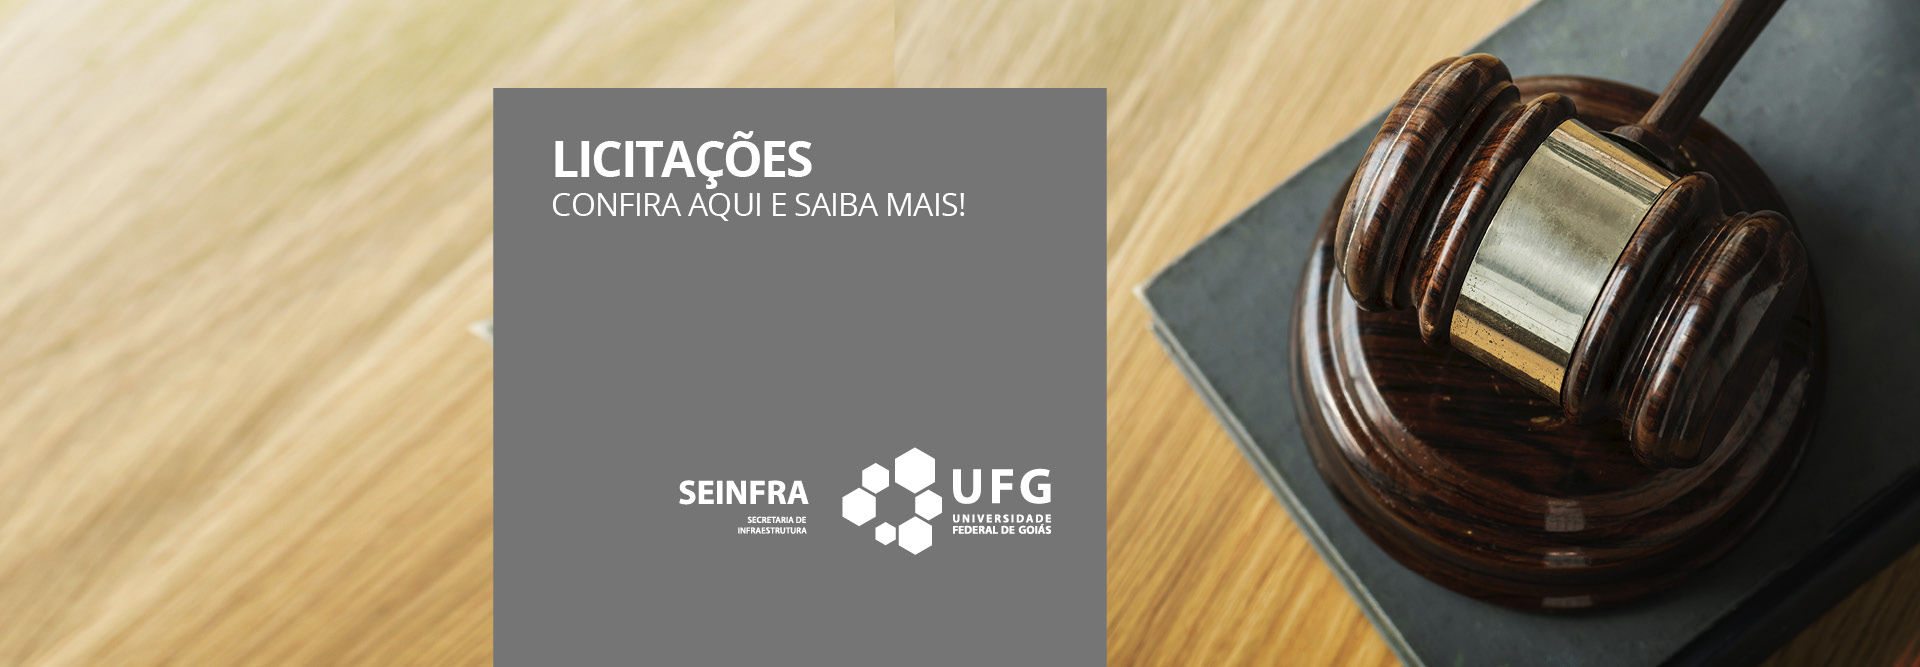 Banner para acesso a Licitações da Secretaria de Infraestrutura da Universidade Federal de Goiás